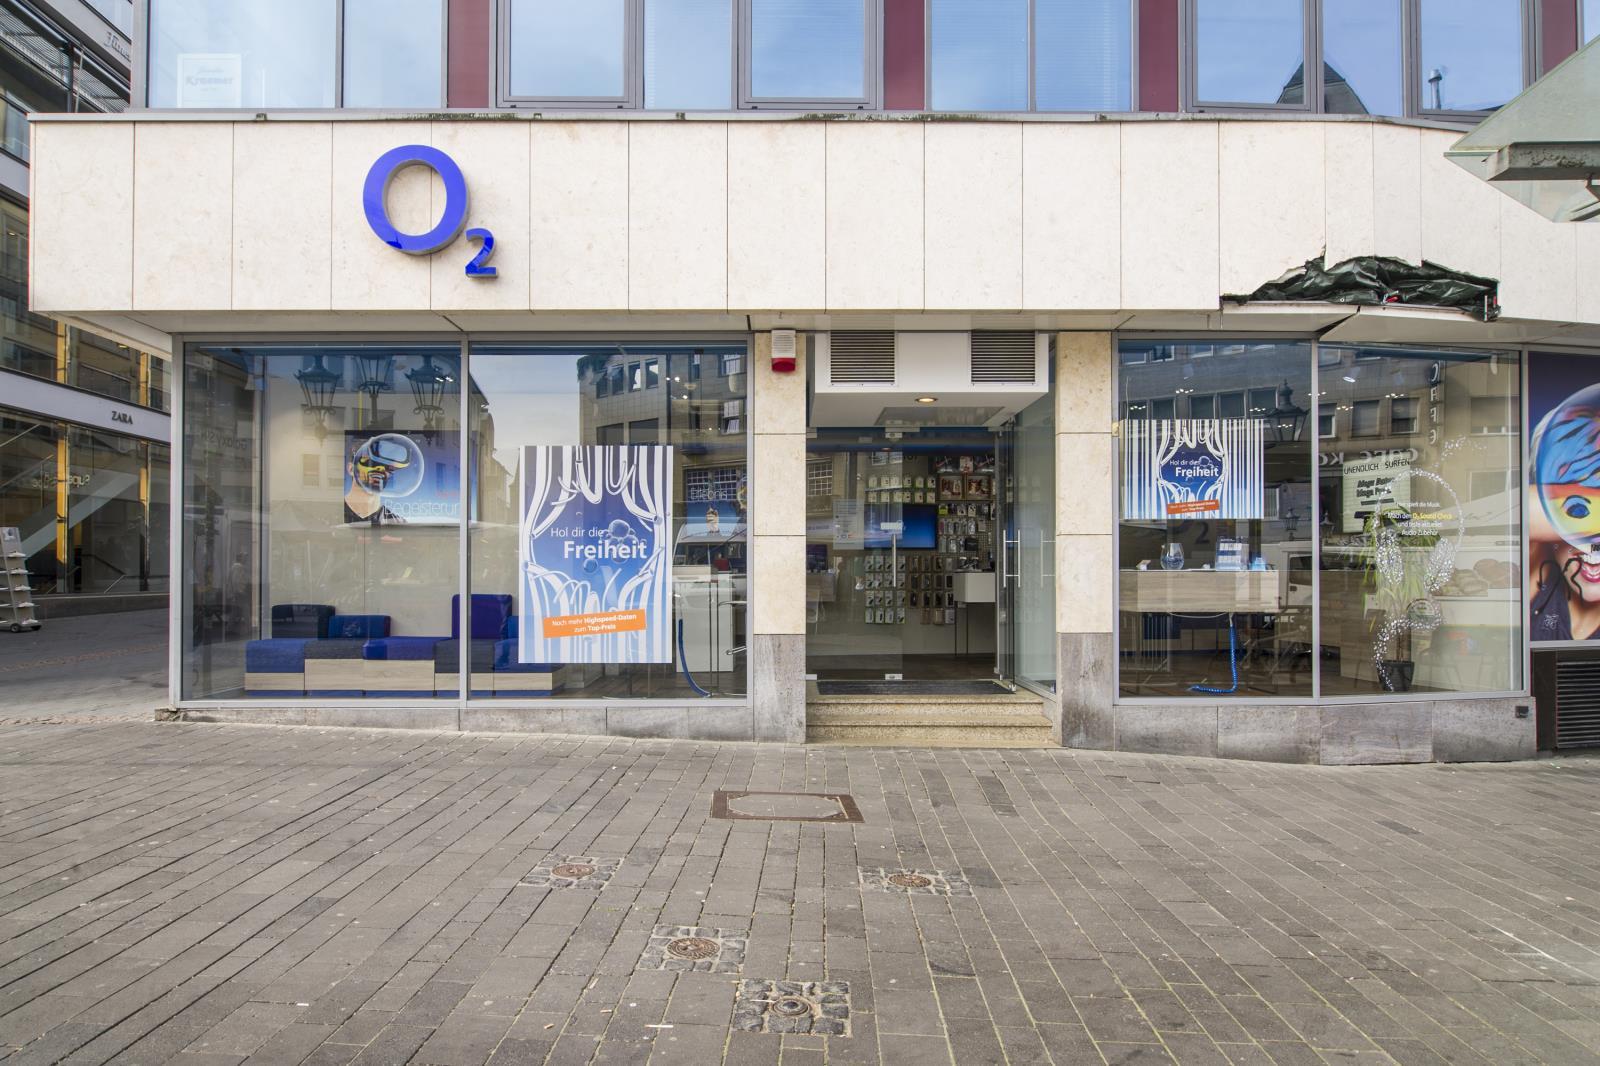 o2 Shop, Markt 23-27 in Bonn